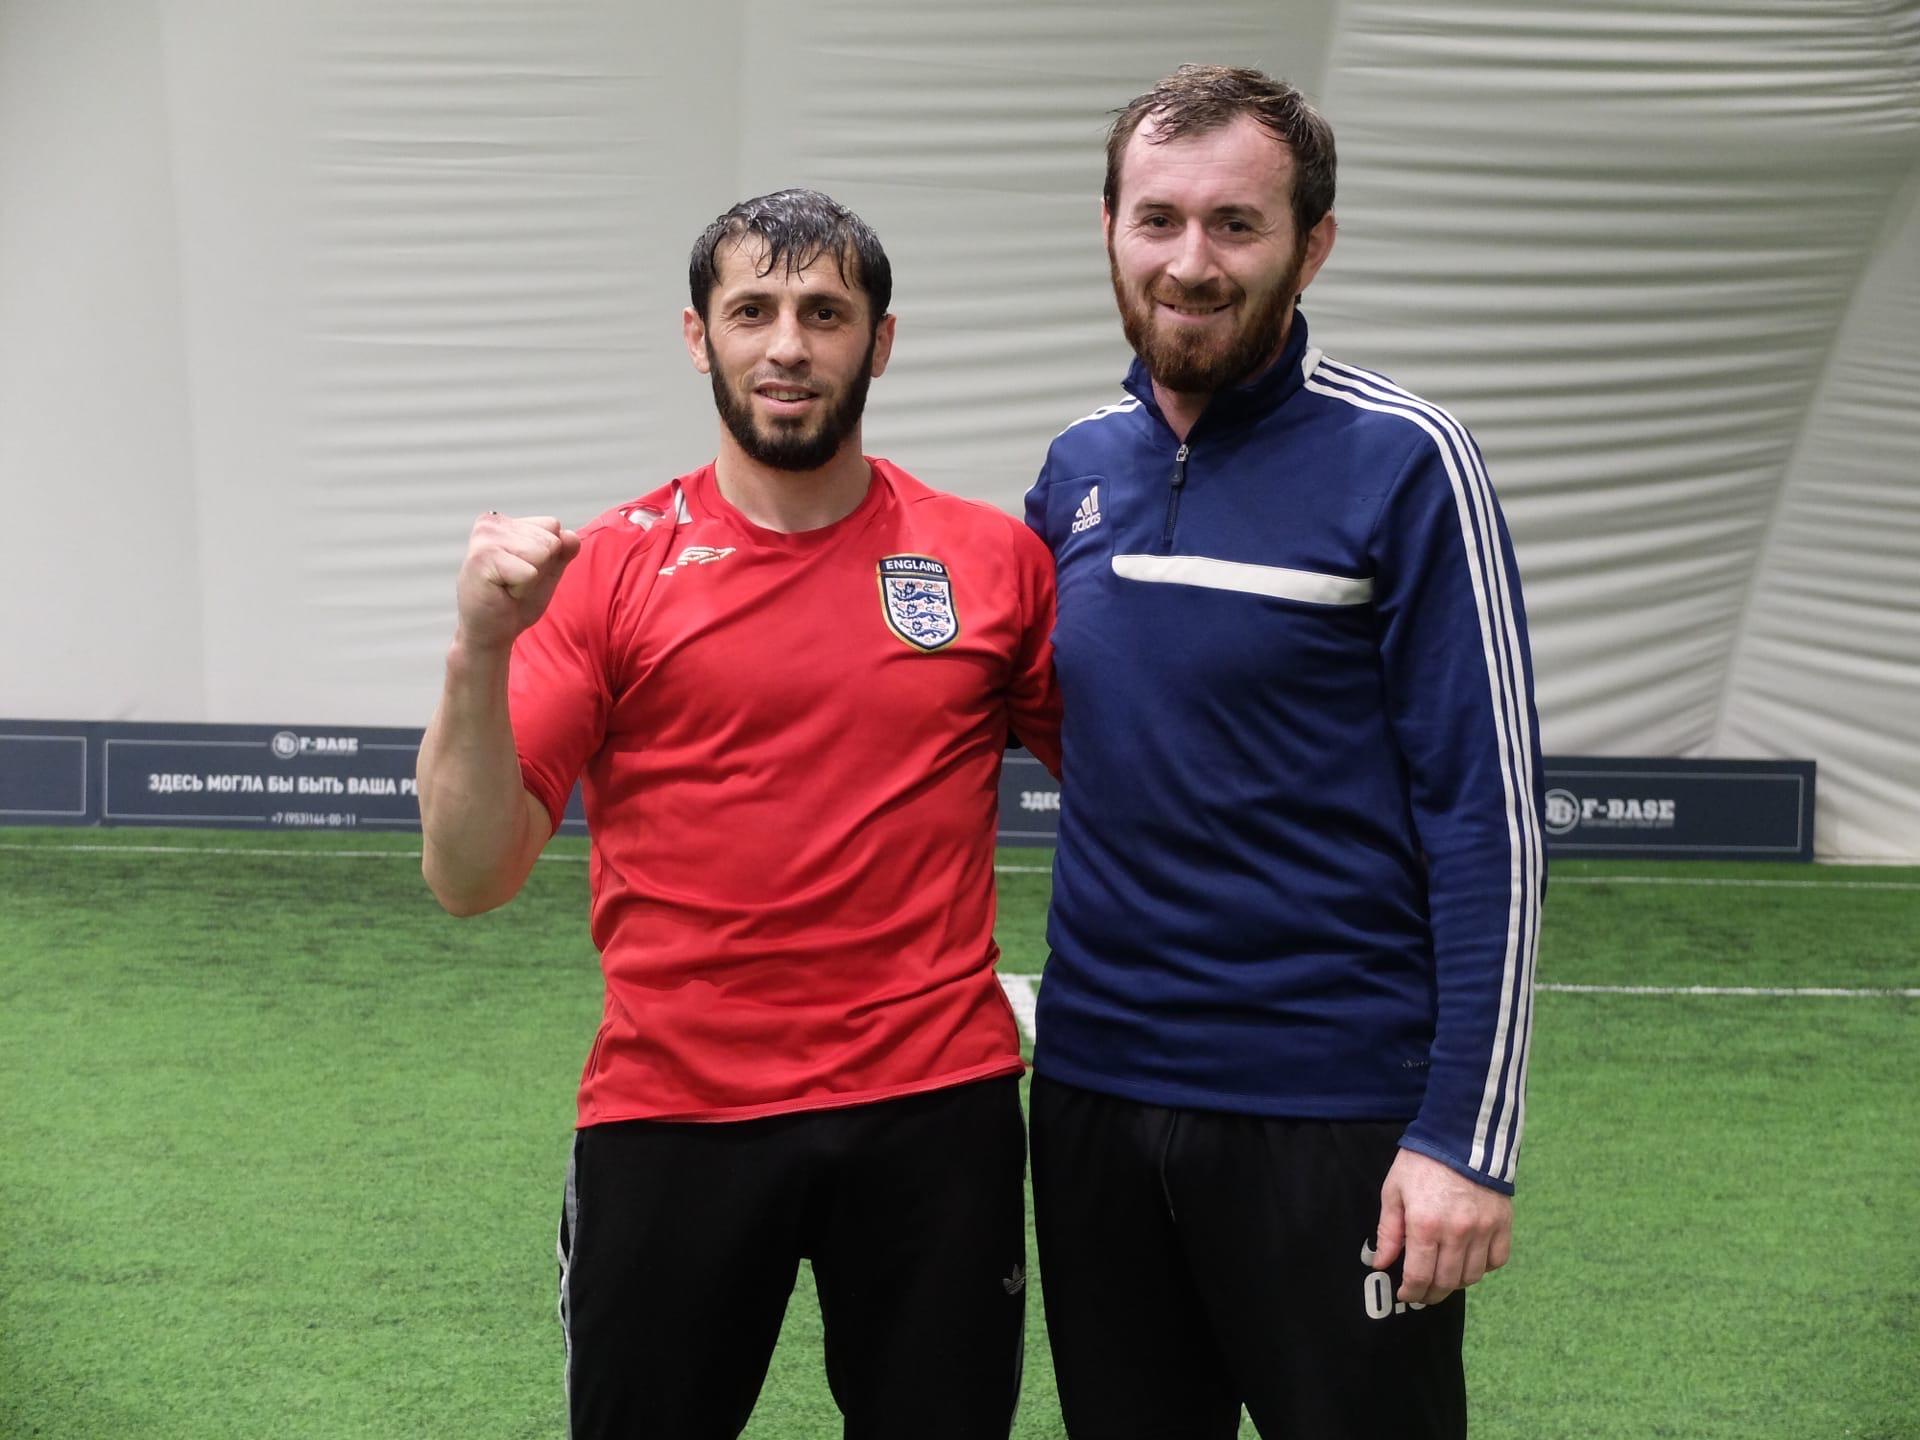 Башир Магомедшафиев и Омар Омаров